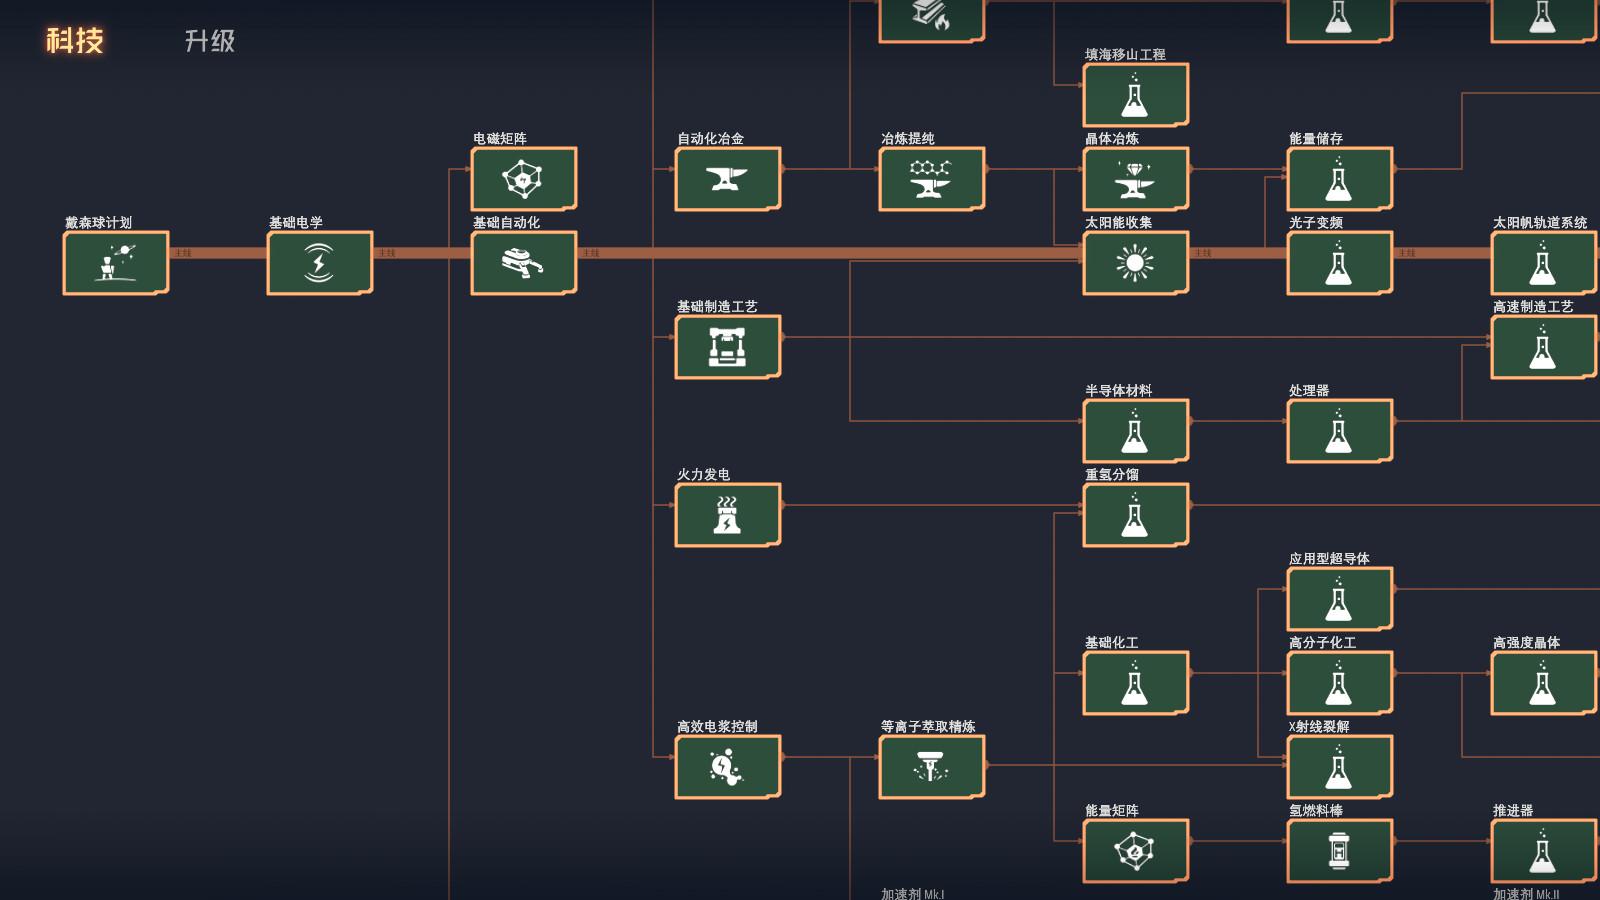 戴森球计划 游戏图集(13)